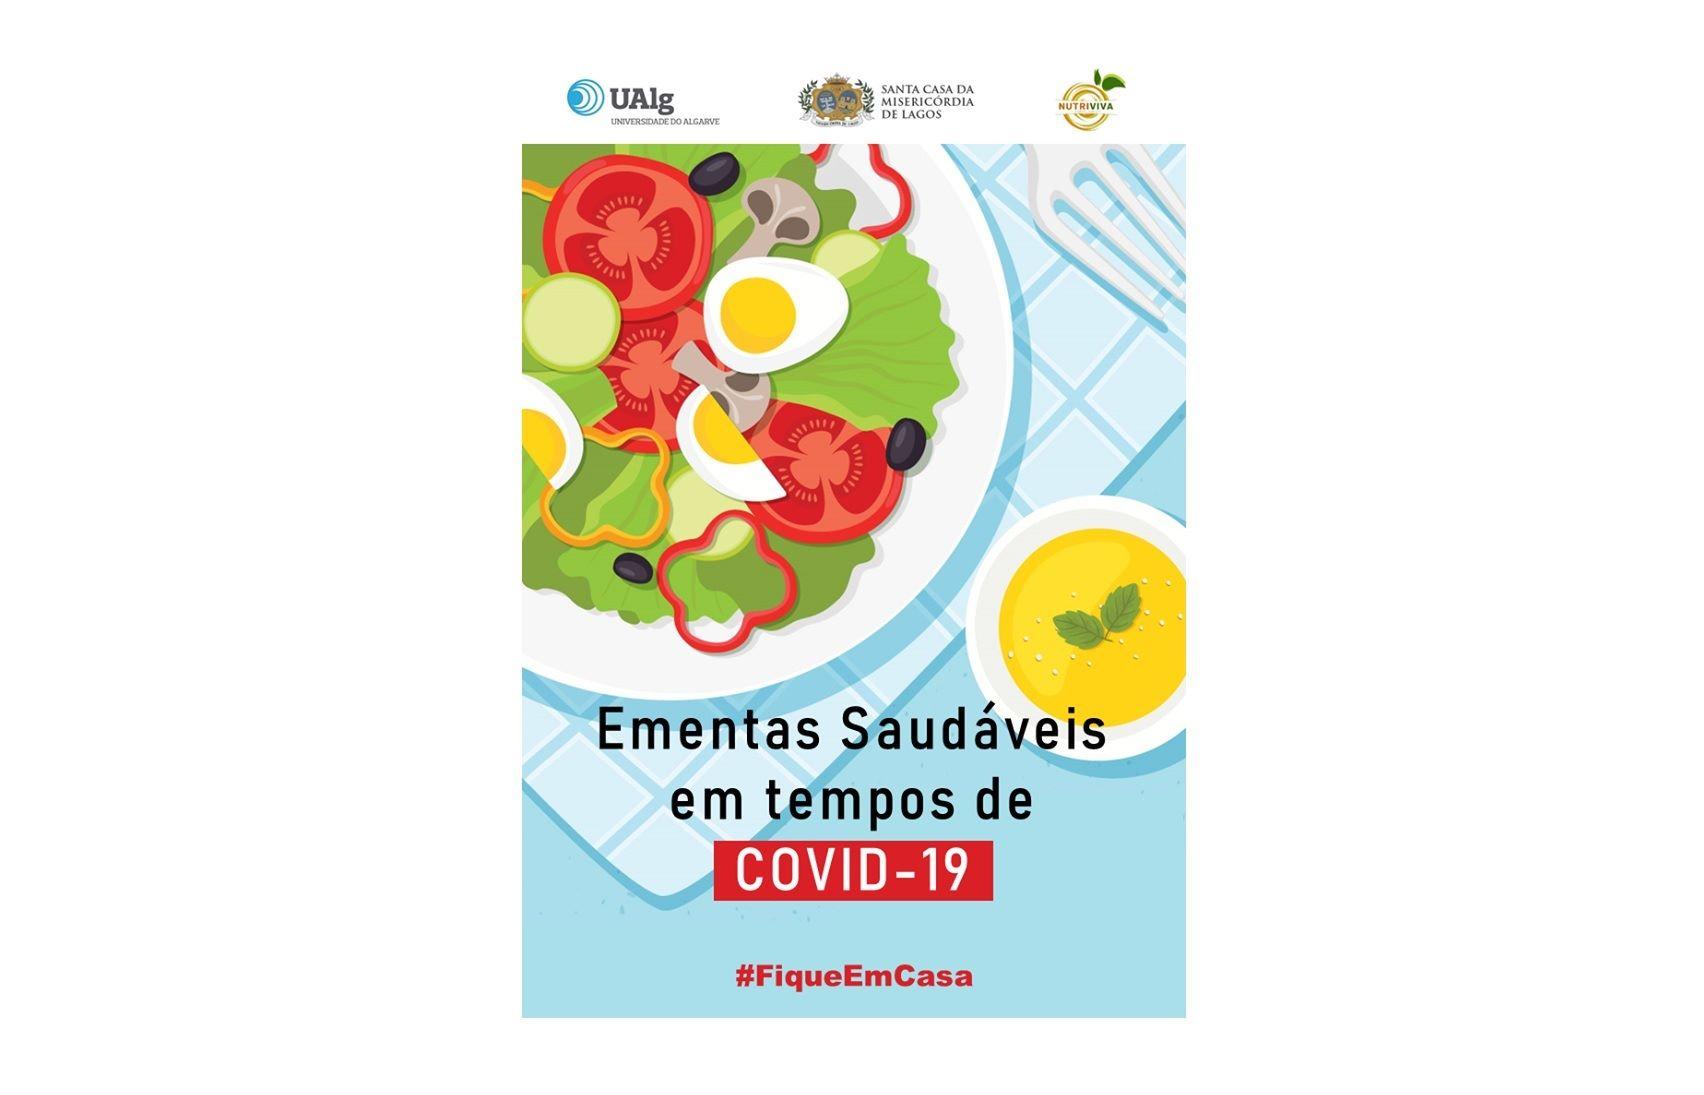 Curso de Dietética e Nutrição da UAlg lança ementa saudável para os tempos da Covid-19